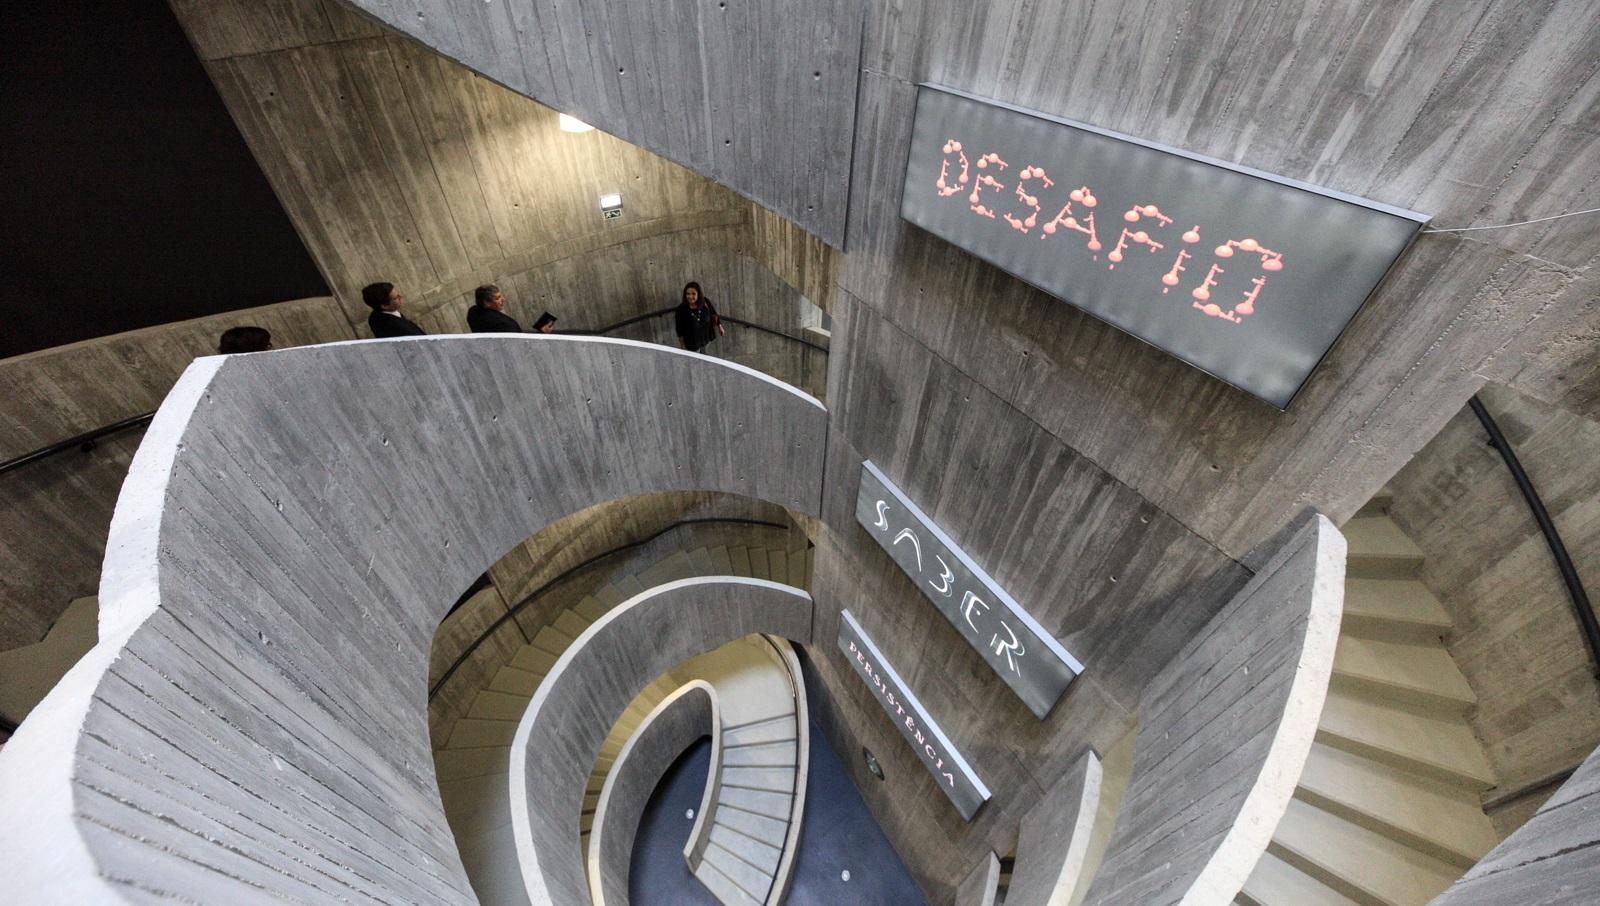 Pormenor da exposição no IB-S (foto de Nuno Gonçalves/UMdicas)